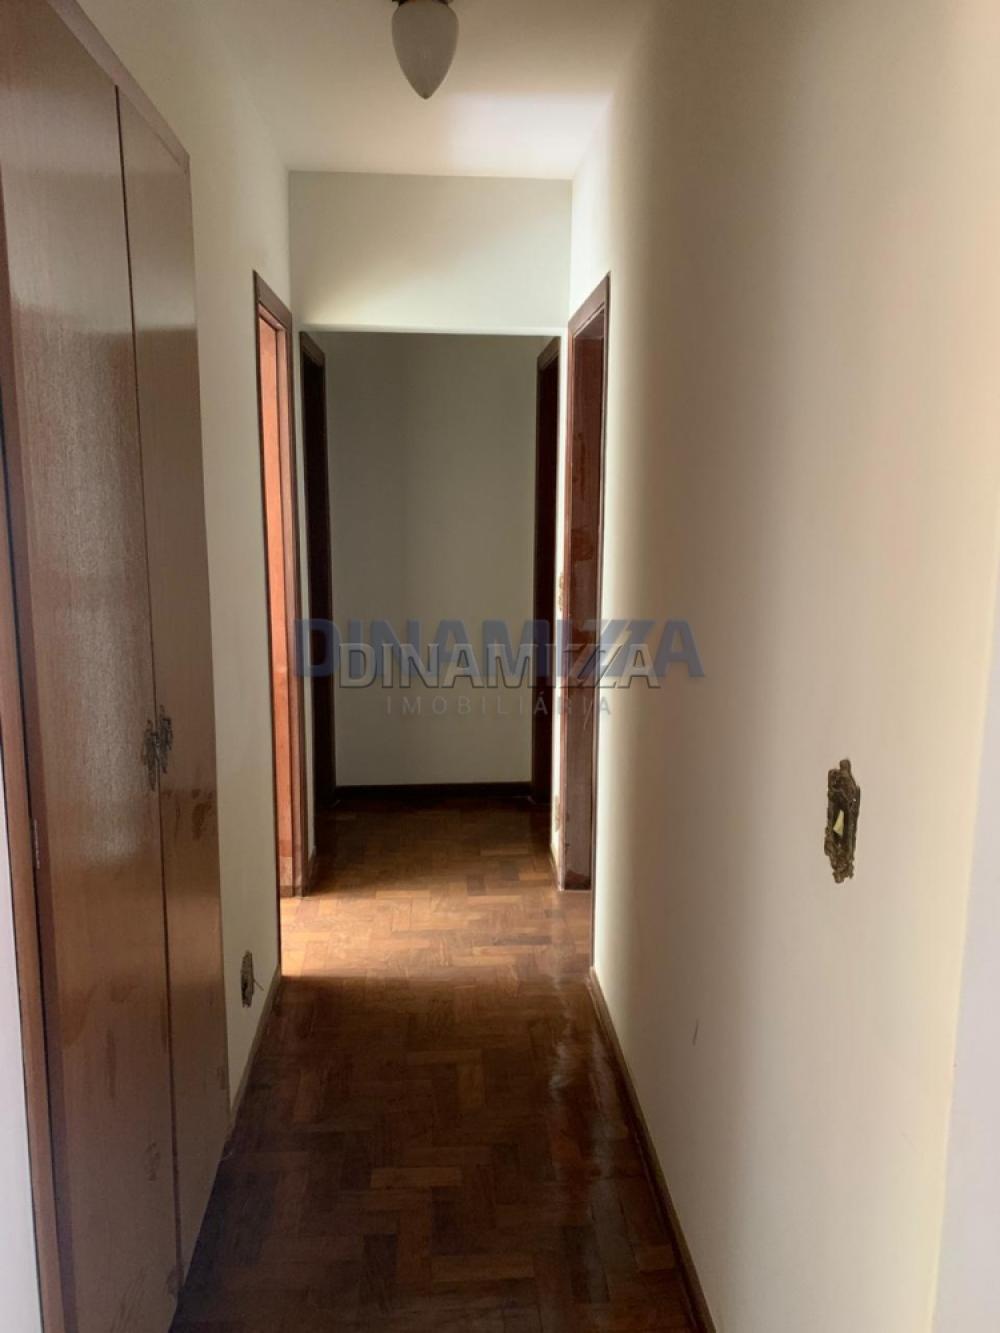 Alugar Apartamento / Padrão em Uberaba R$ 500,00 - Foto 6